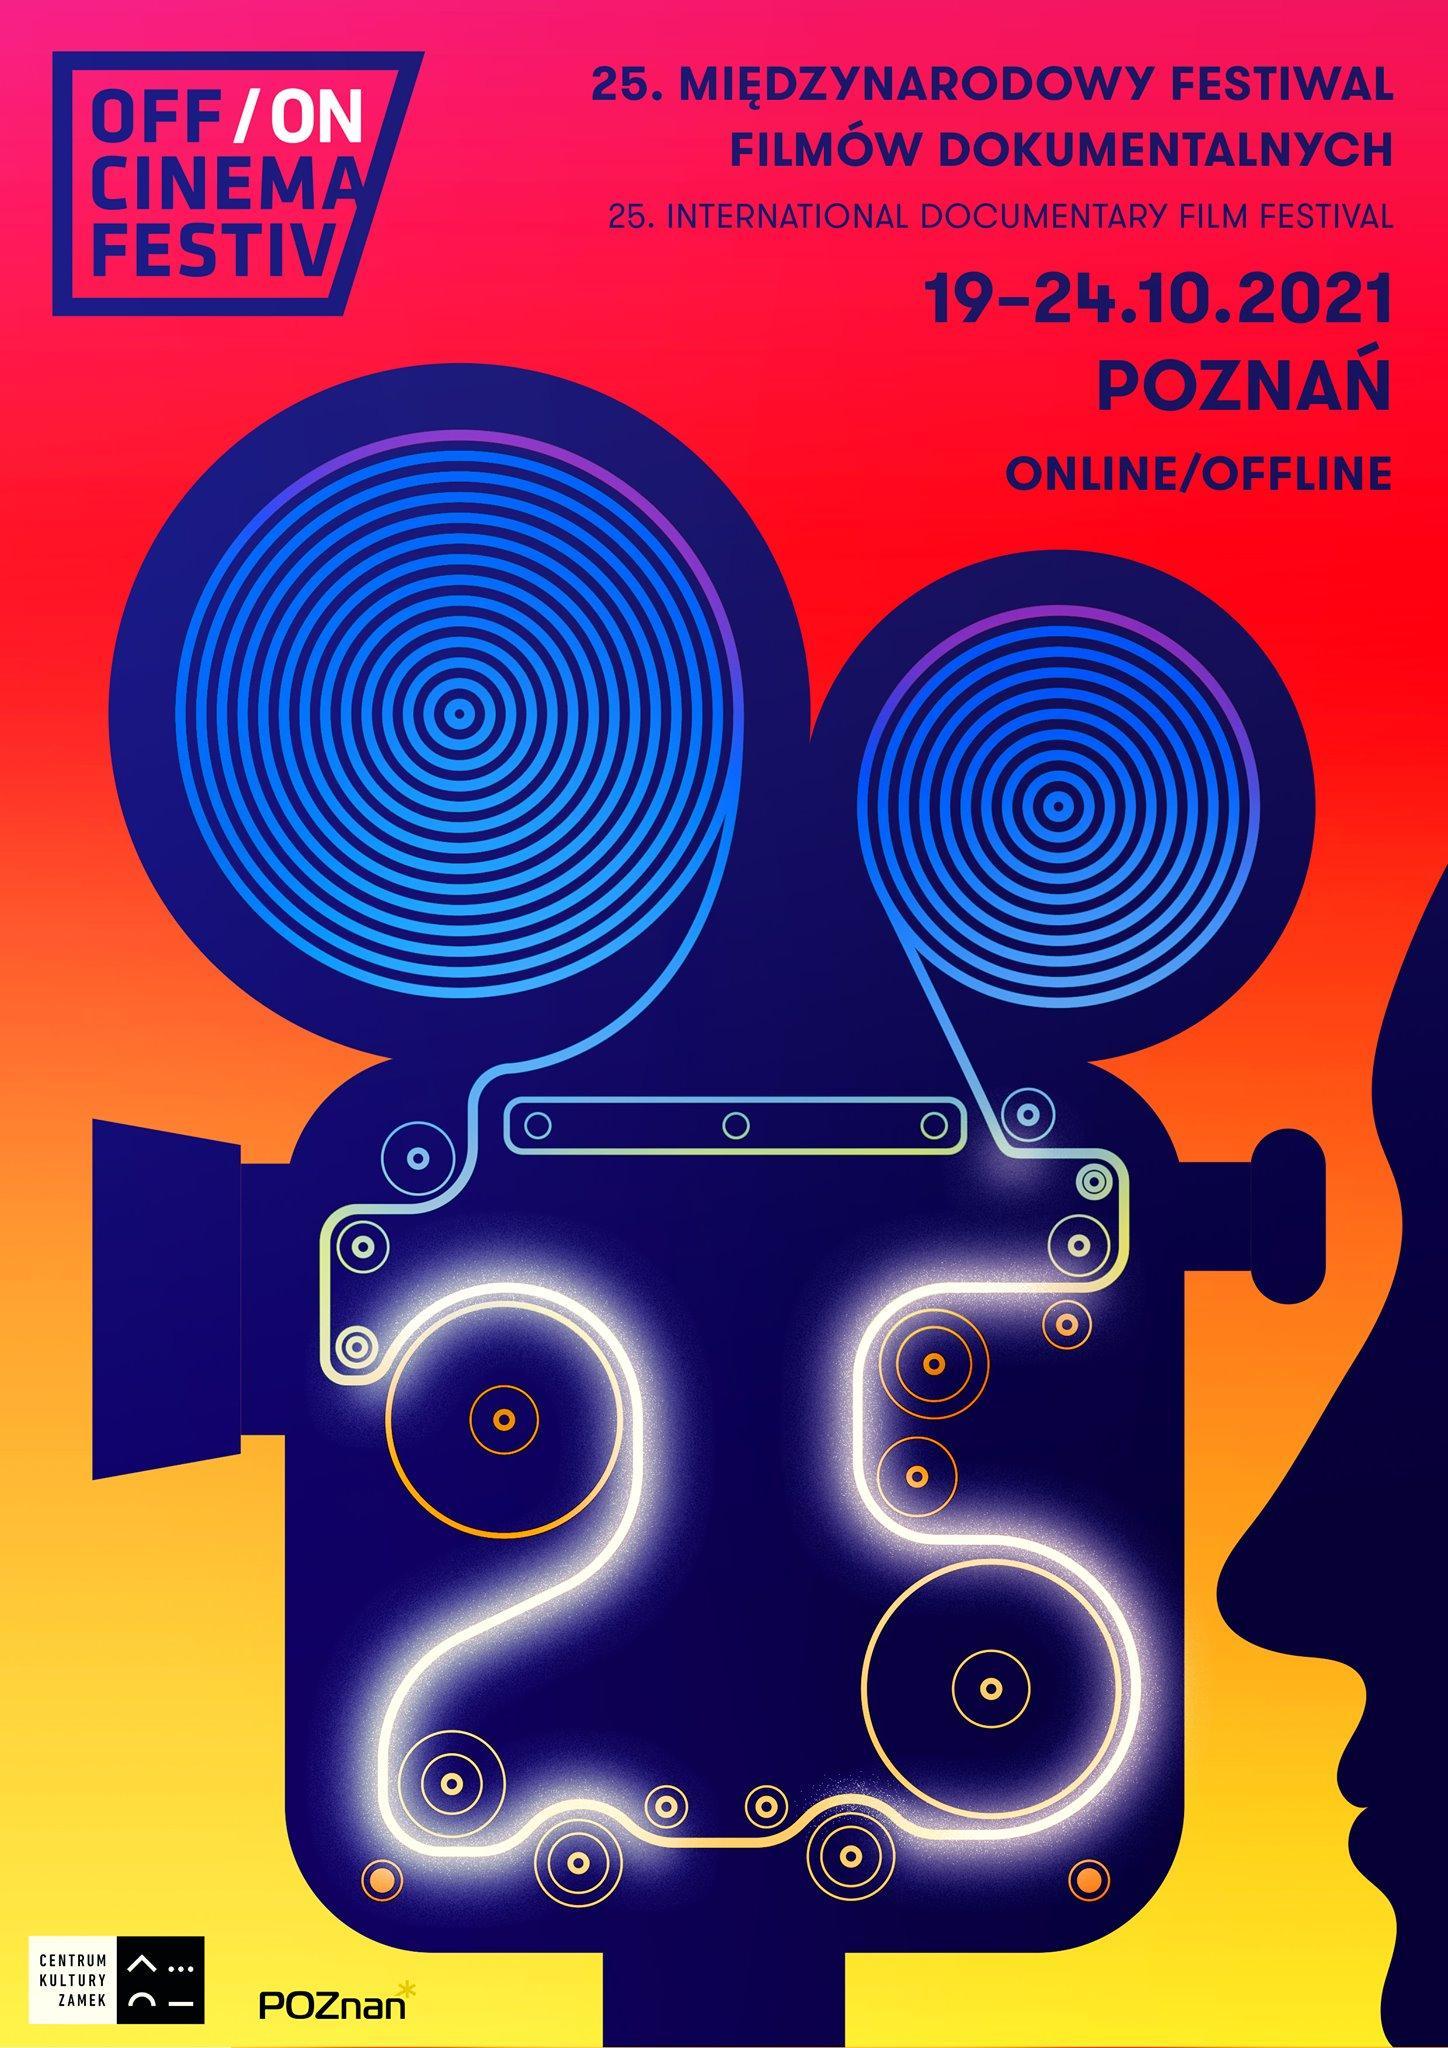 25. Międzynarodowy Festiwal Filmów Dokumentalnych OFF CINEMA: Blok konkursowy 10 - Przeciwko rzeczywistości